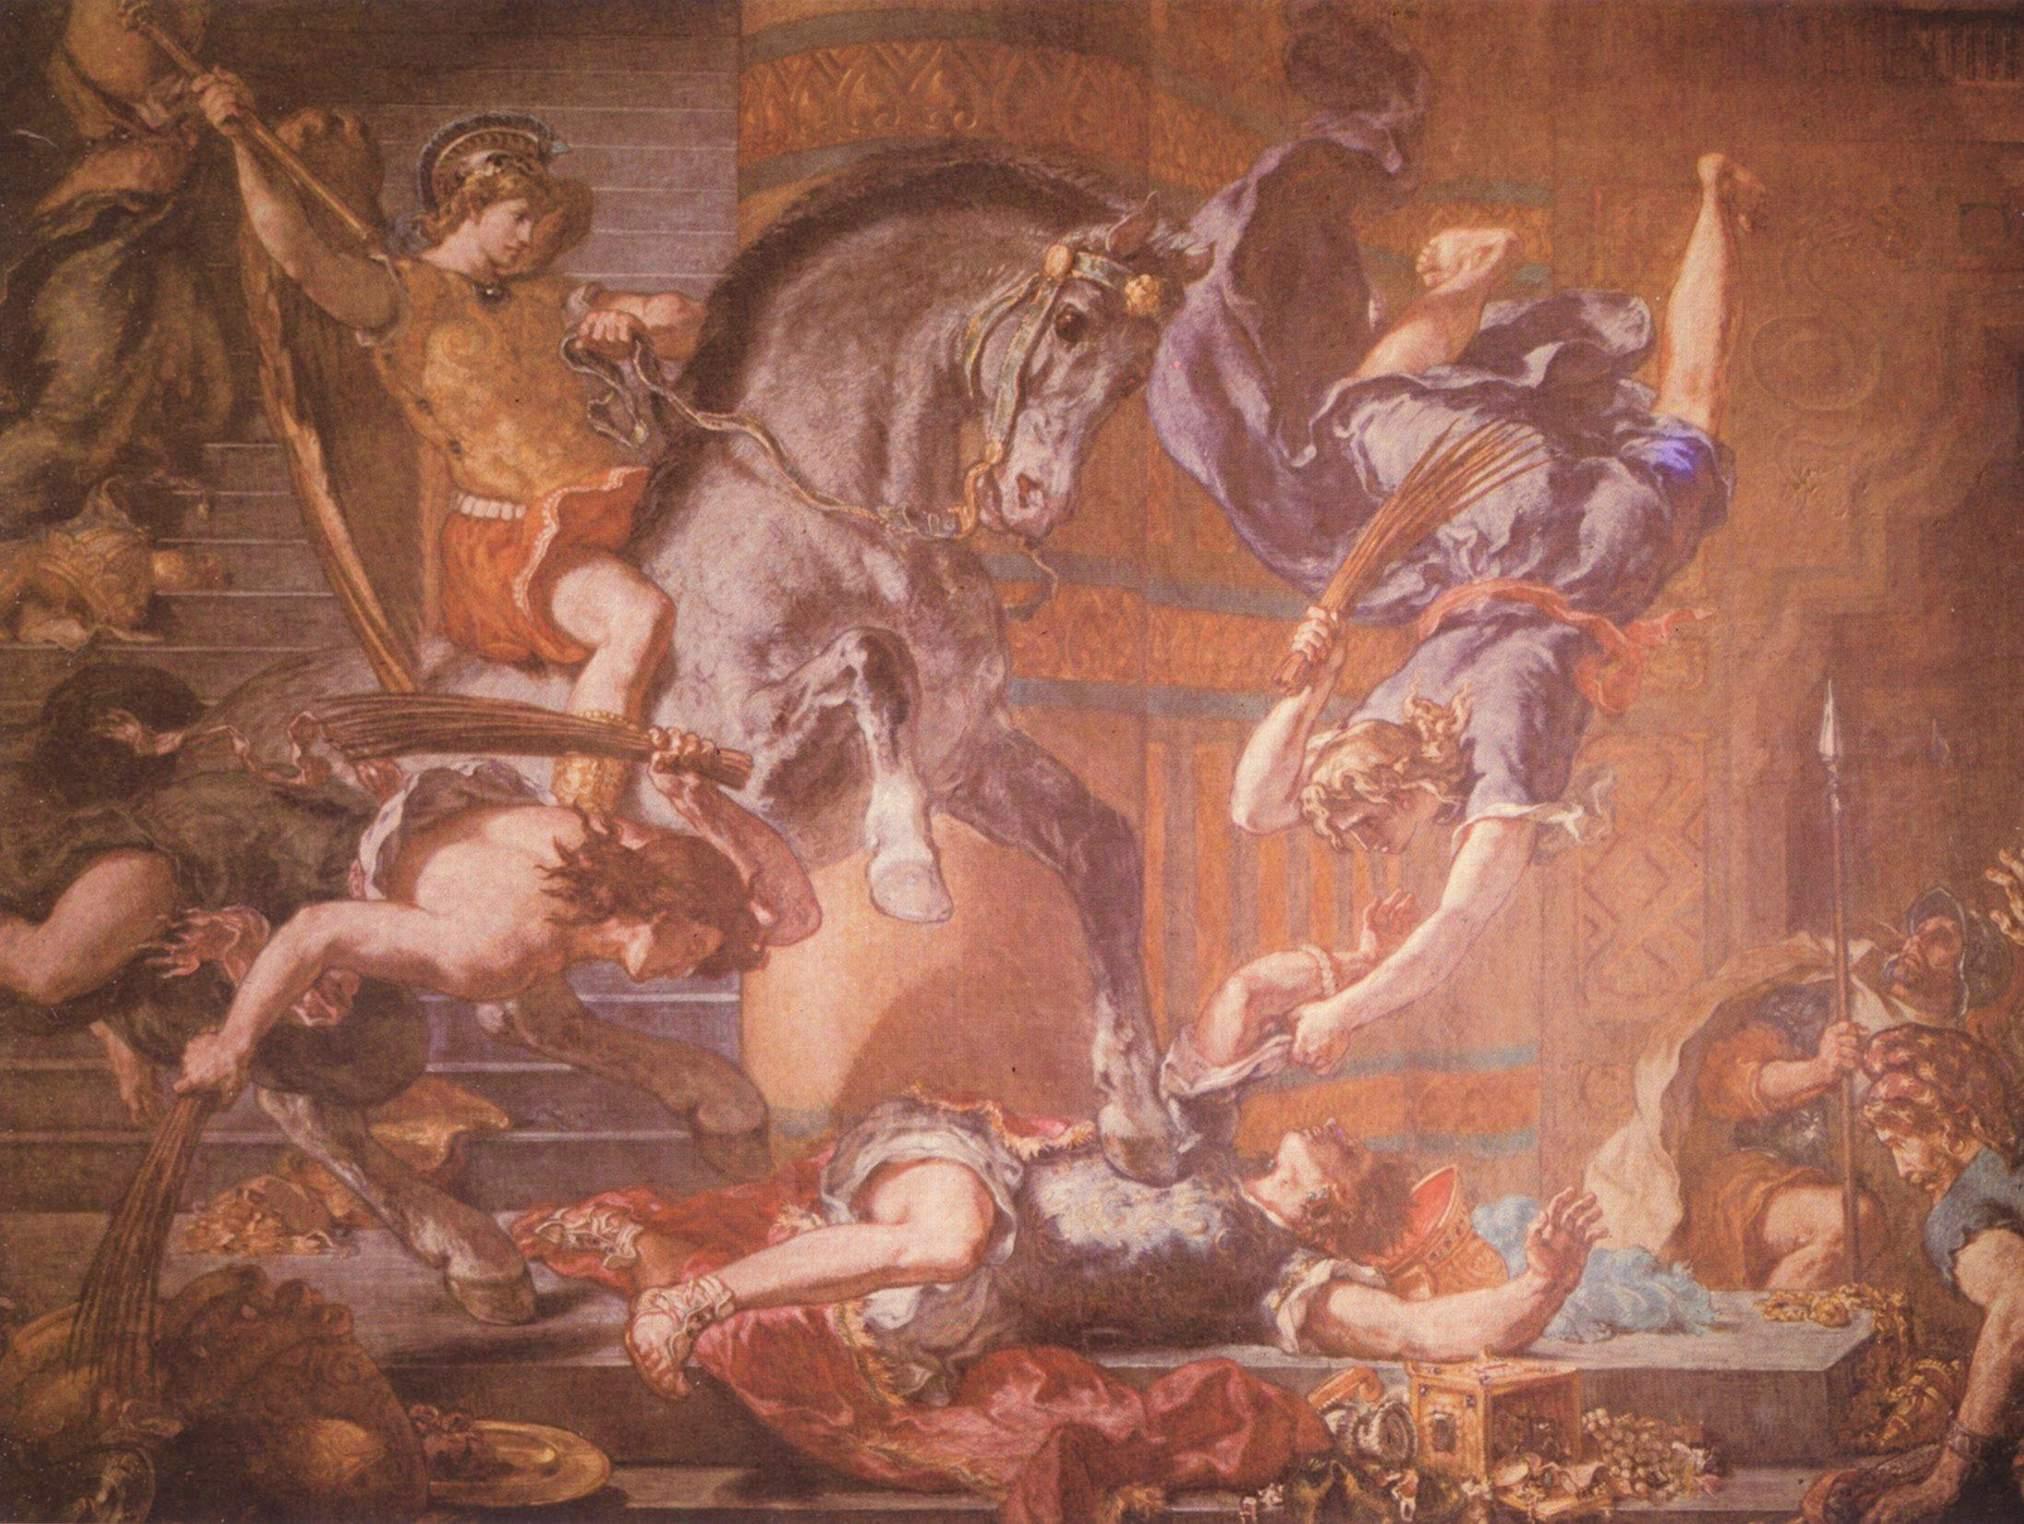 Церковь св. Сульпиция, капелла св. Ангела, изгнание Элиодора из Храма. Деталь, Делакруа Эжен Фердинанд Виктор